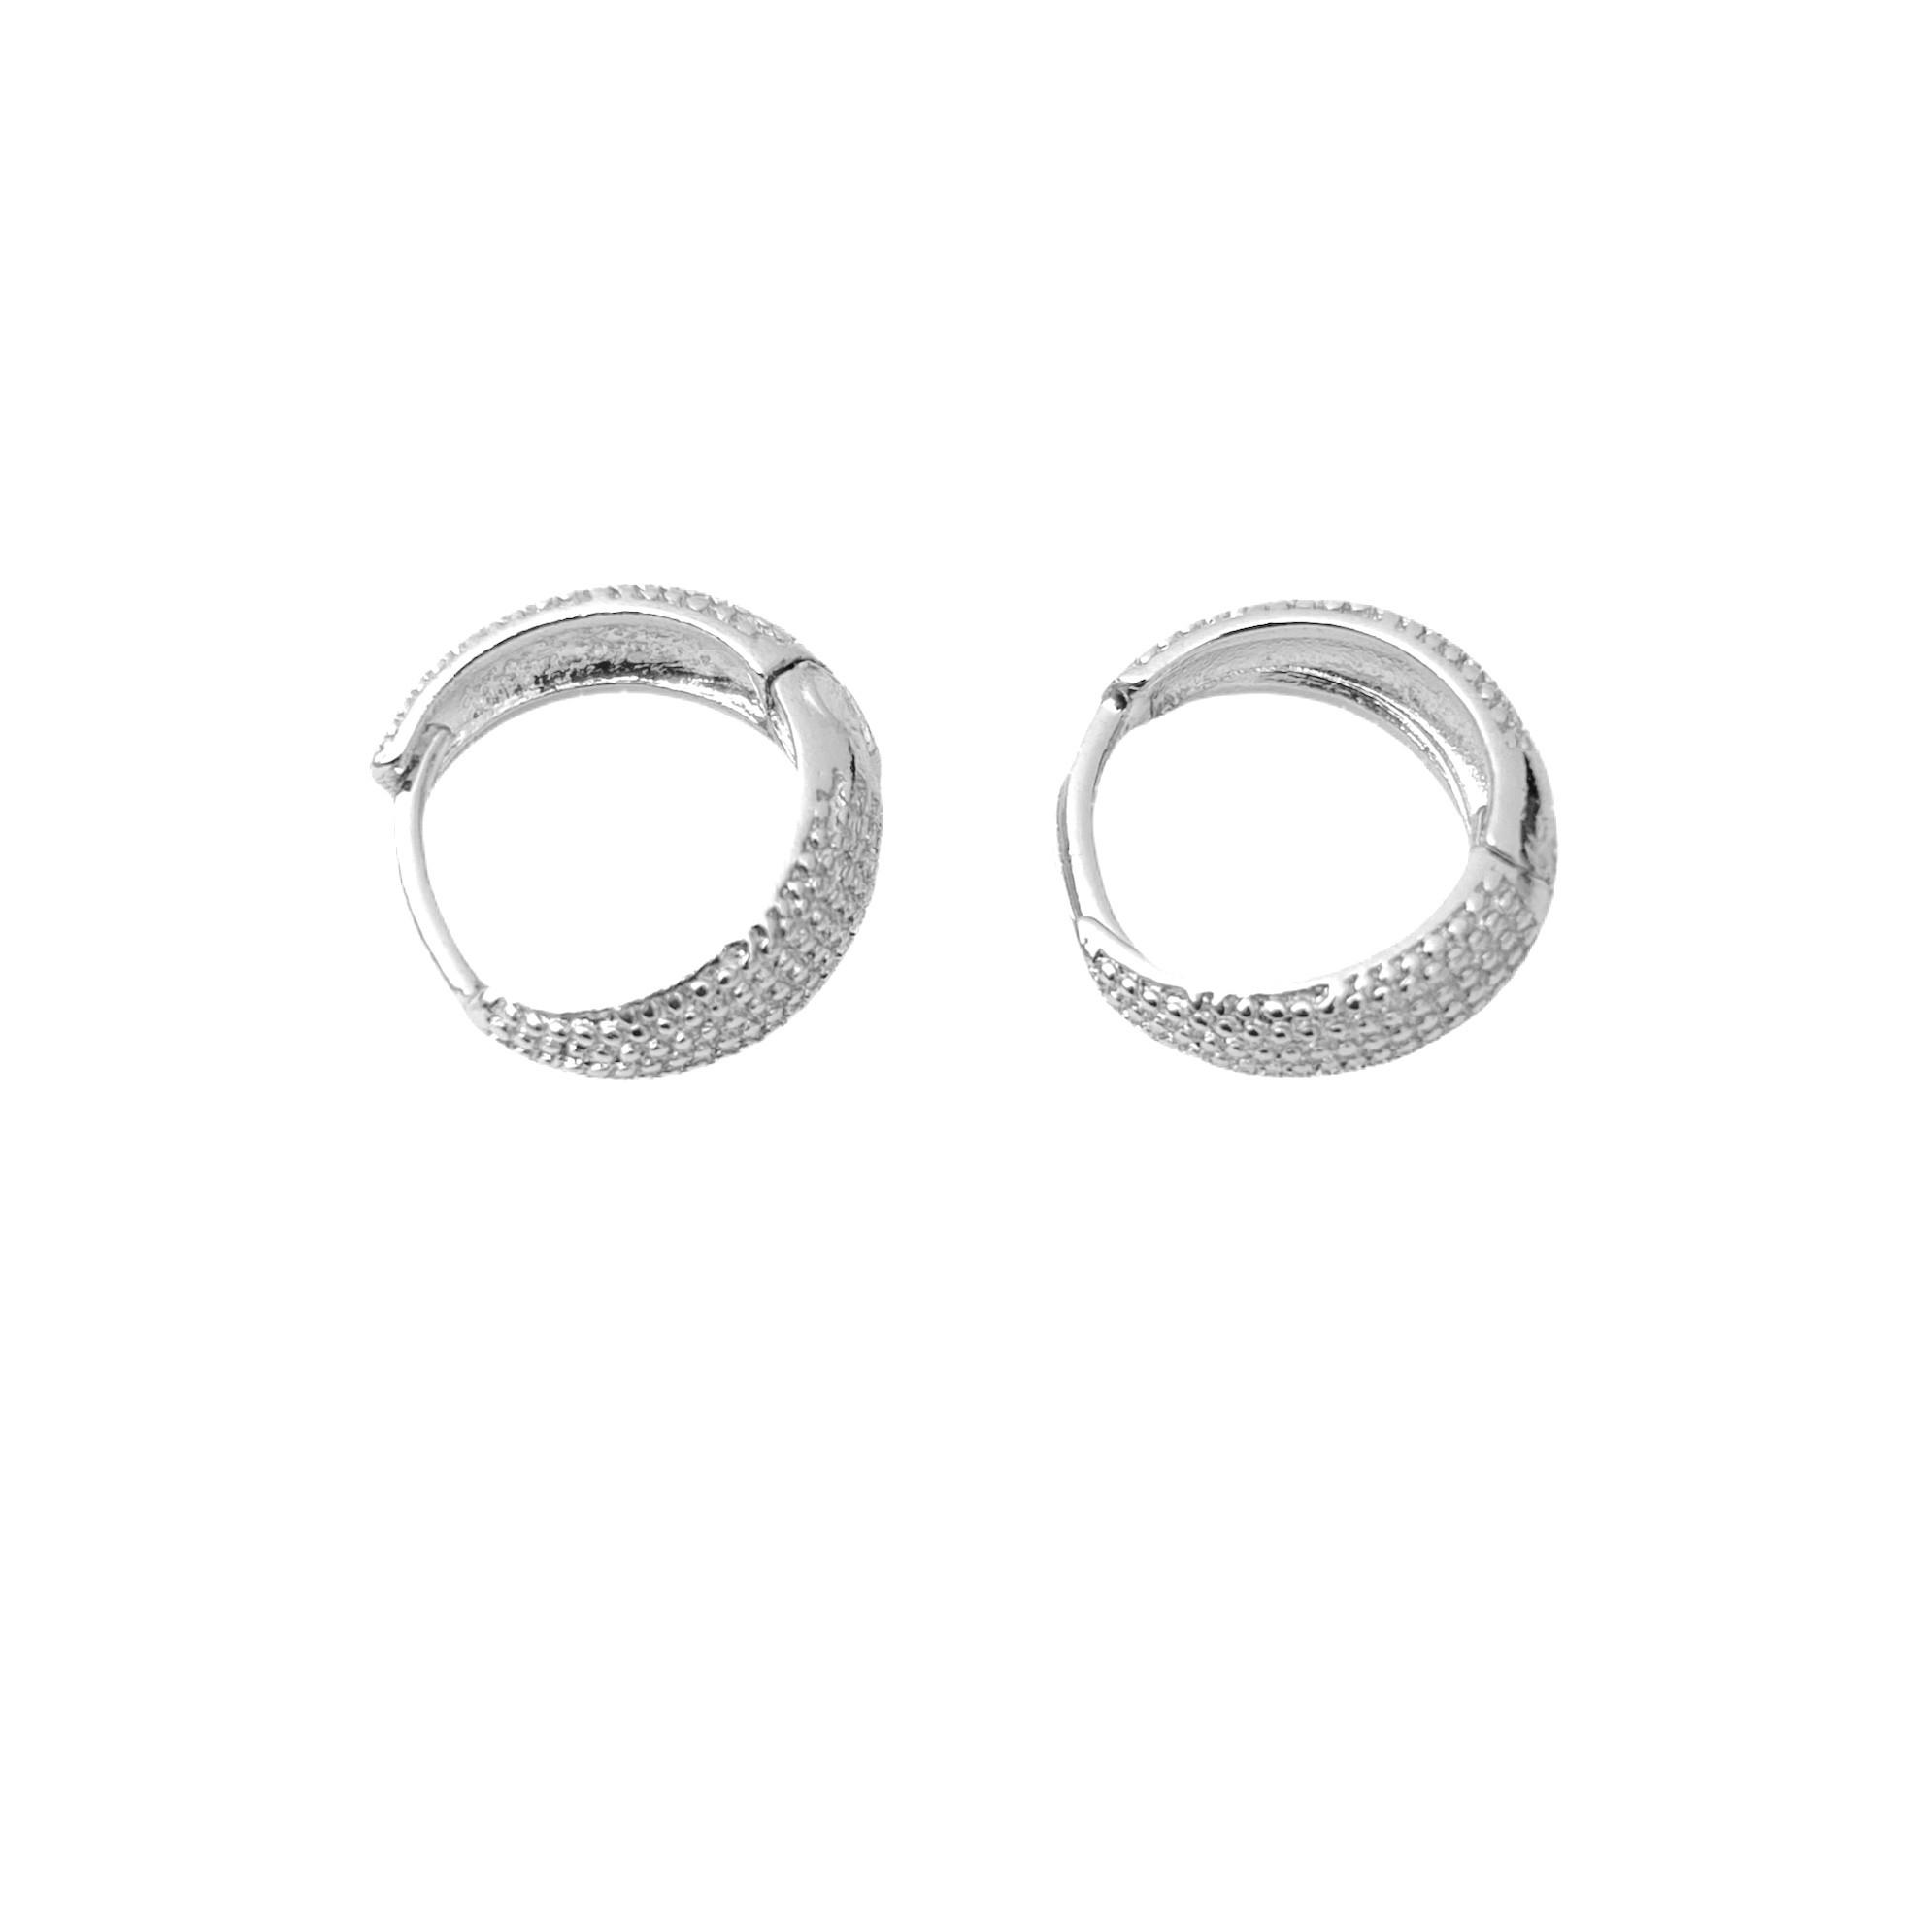 Brinco Argola Texturizada M (Piercing Hélix) (Banho Prata 925)